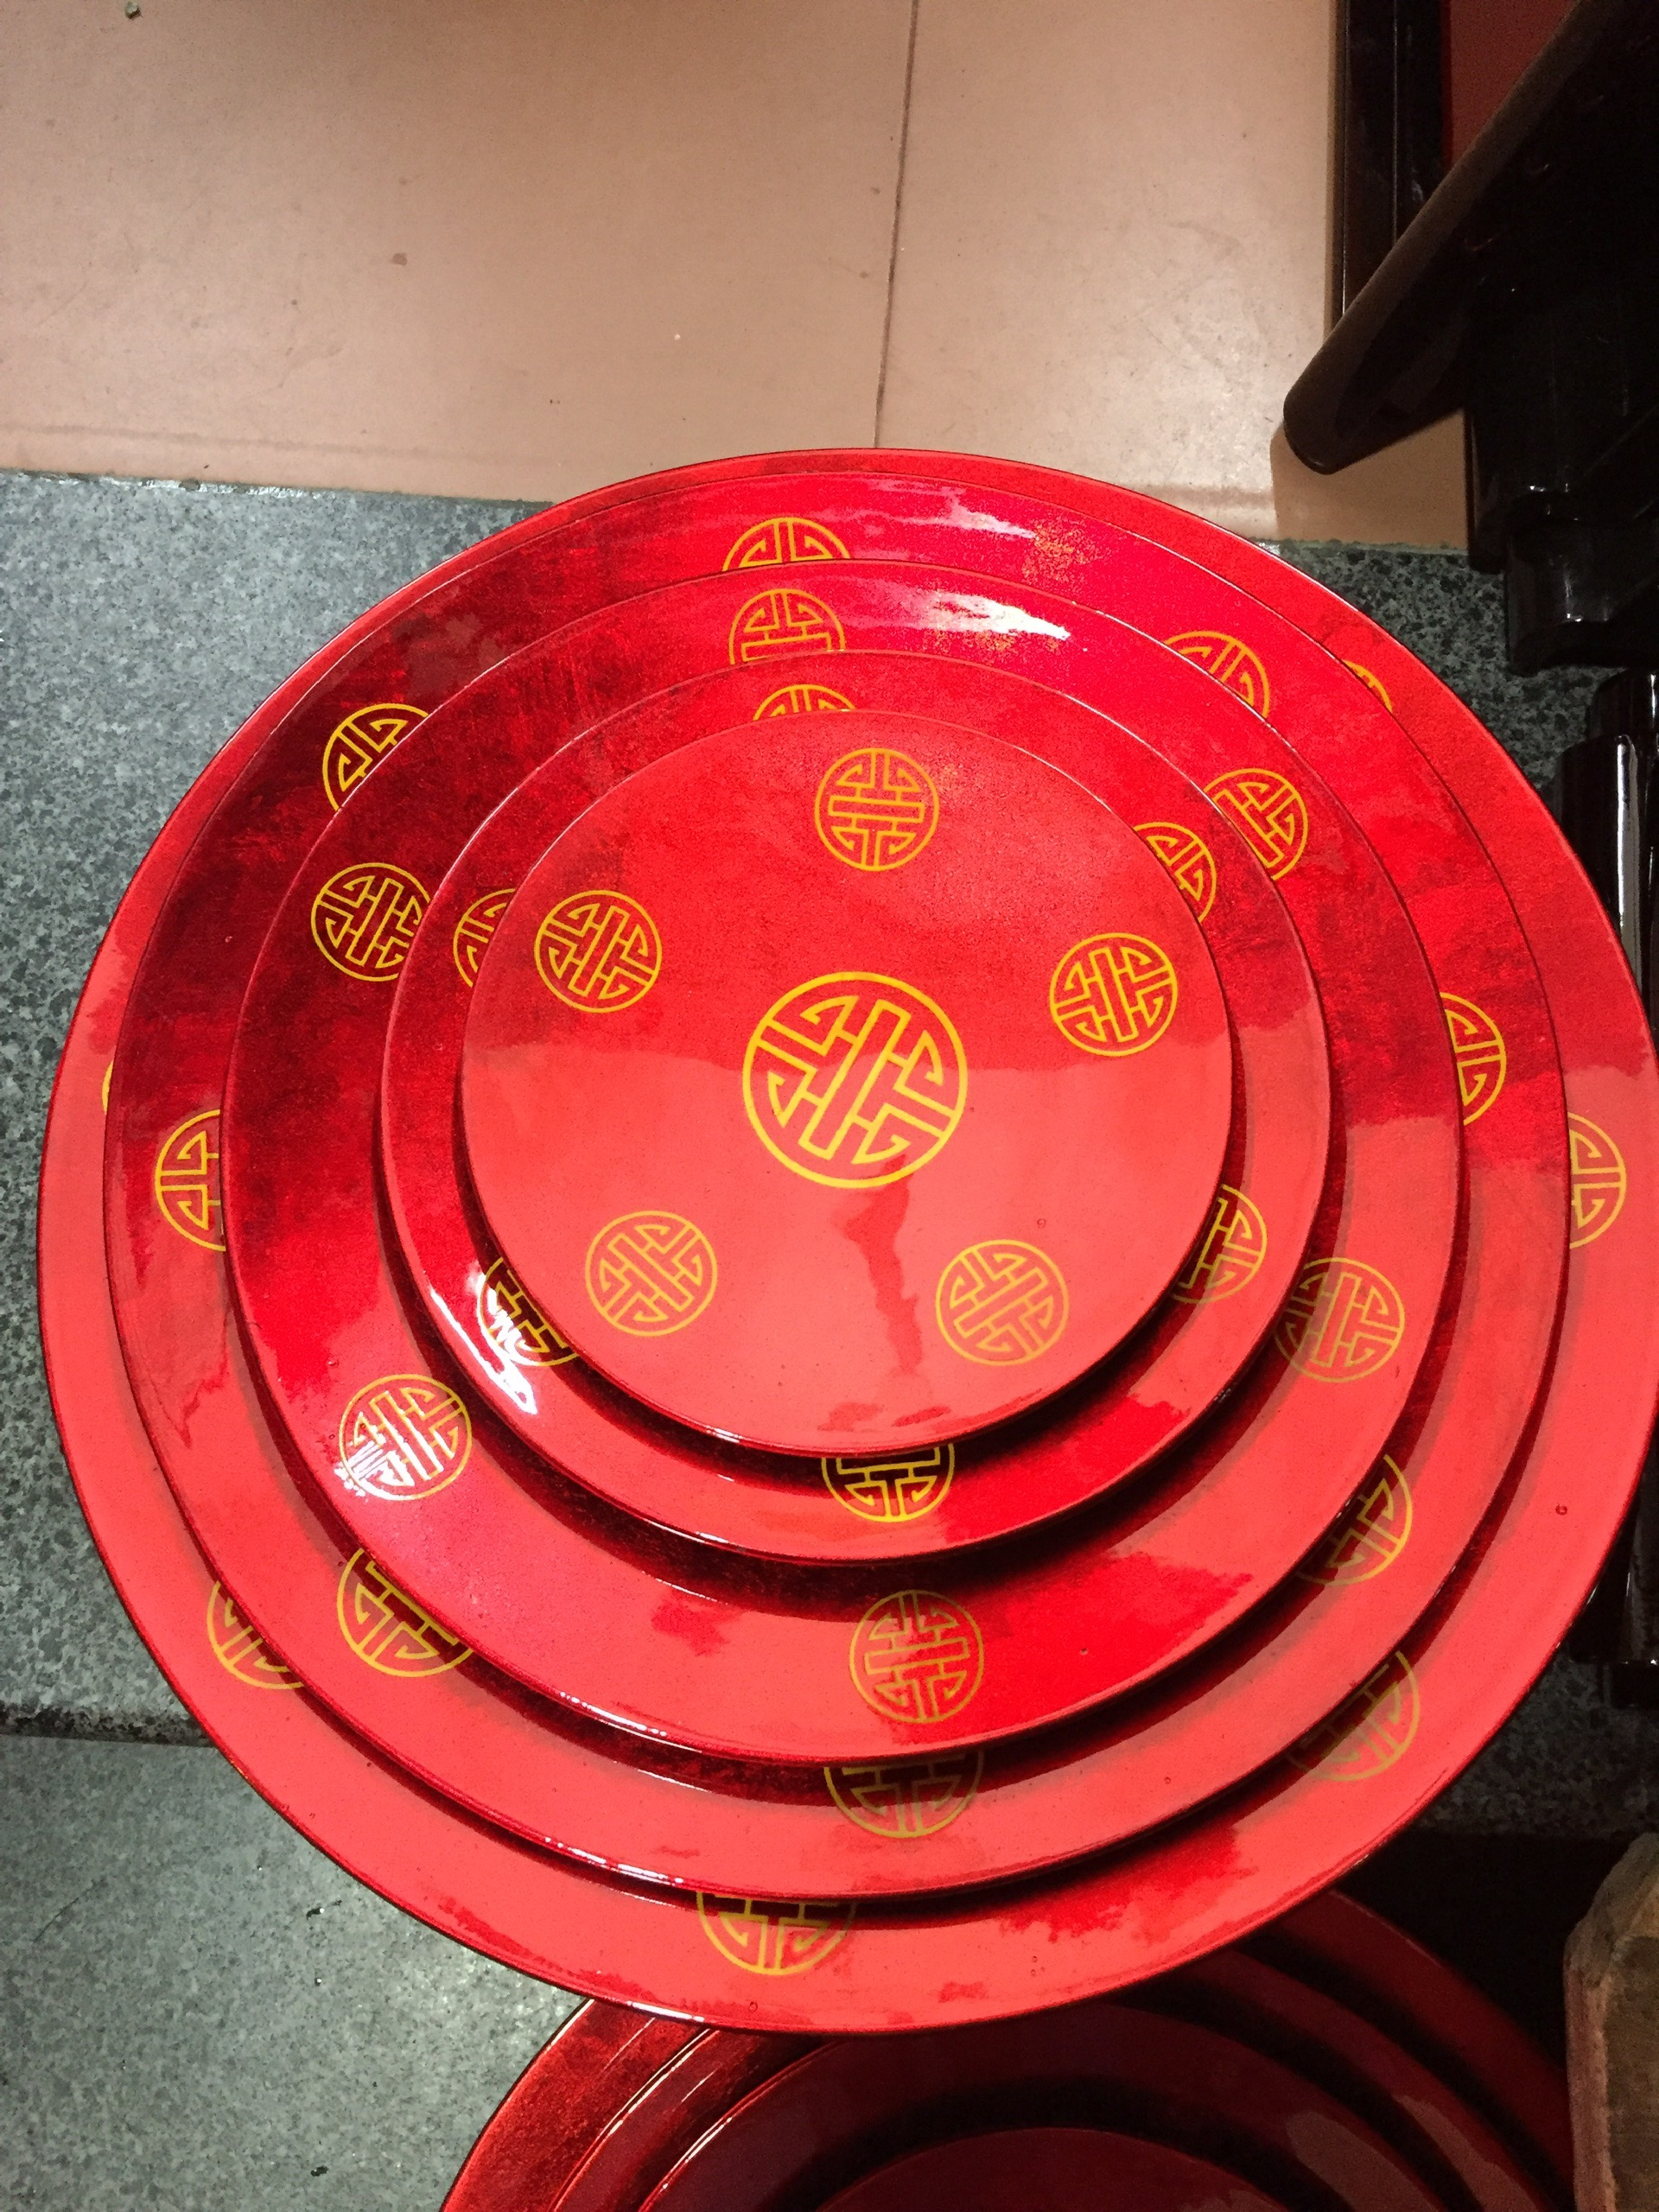 Bộ đĩa sơn mài bầy hoa quả in hình chữ thọ 5c